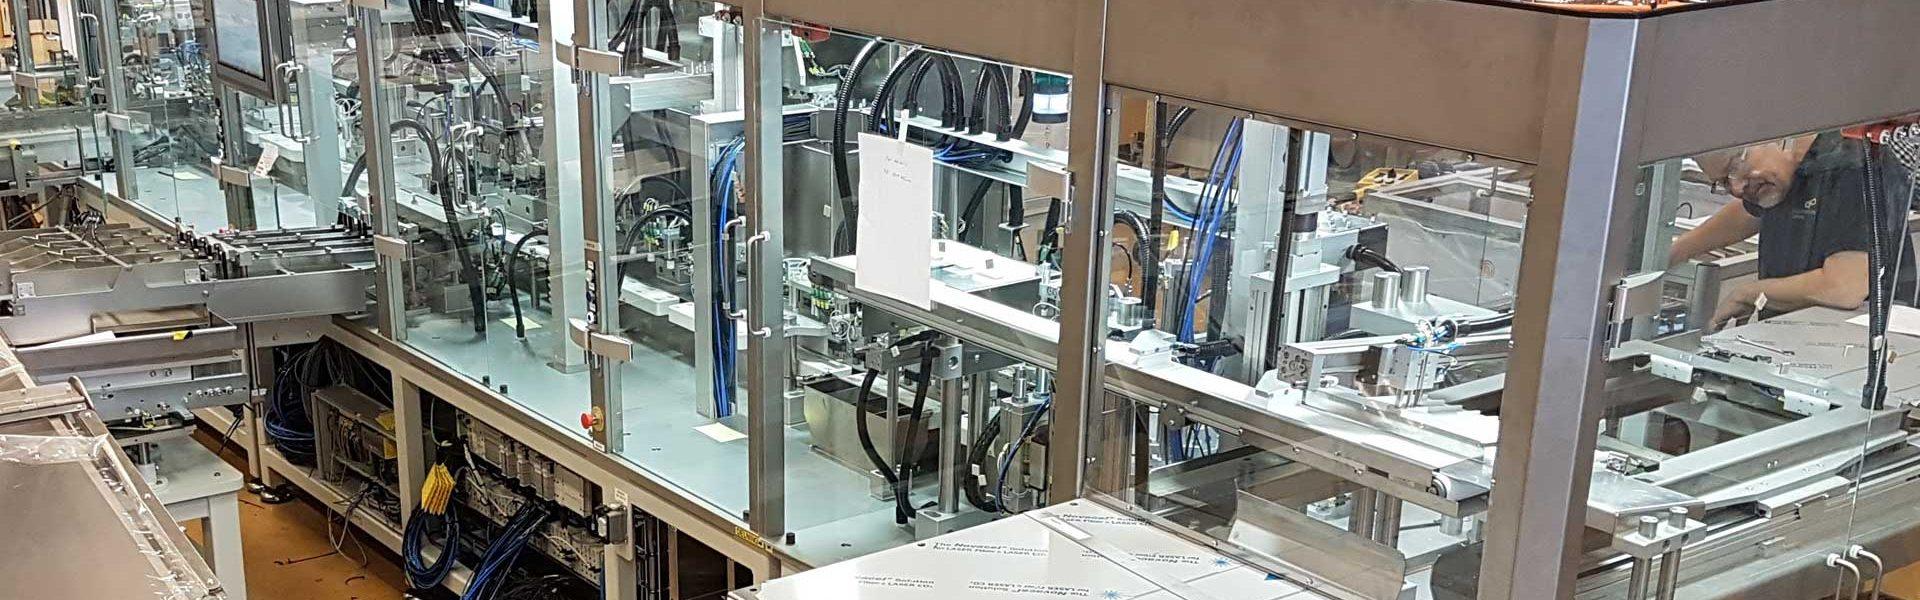 Medtech Assembly Line